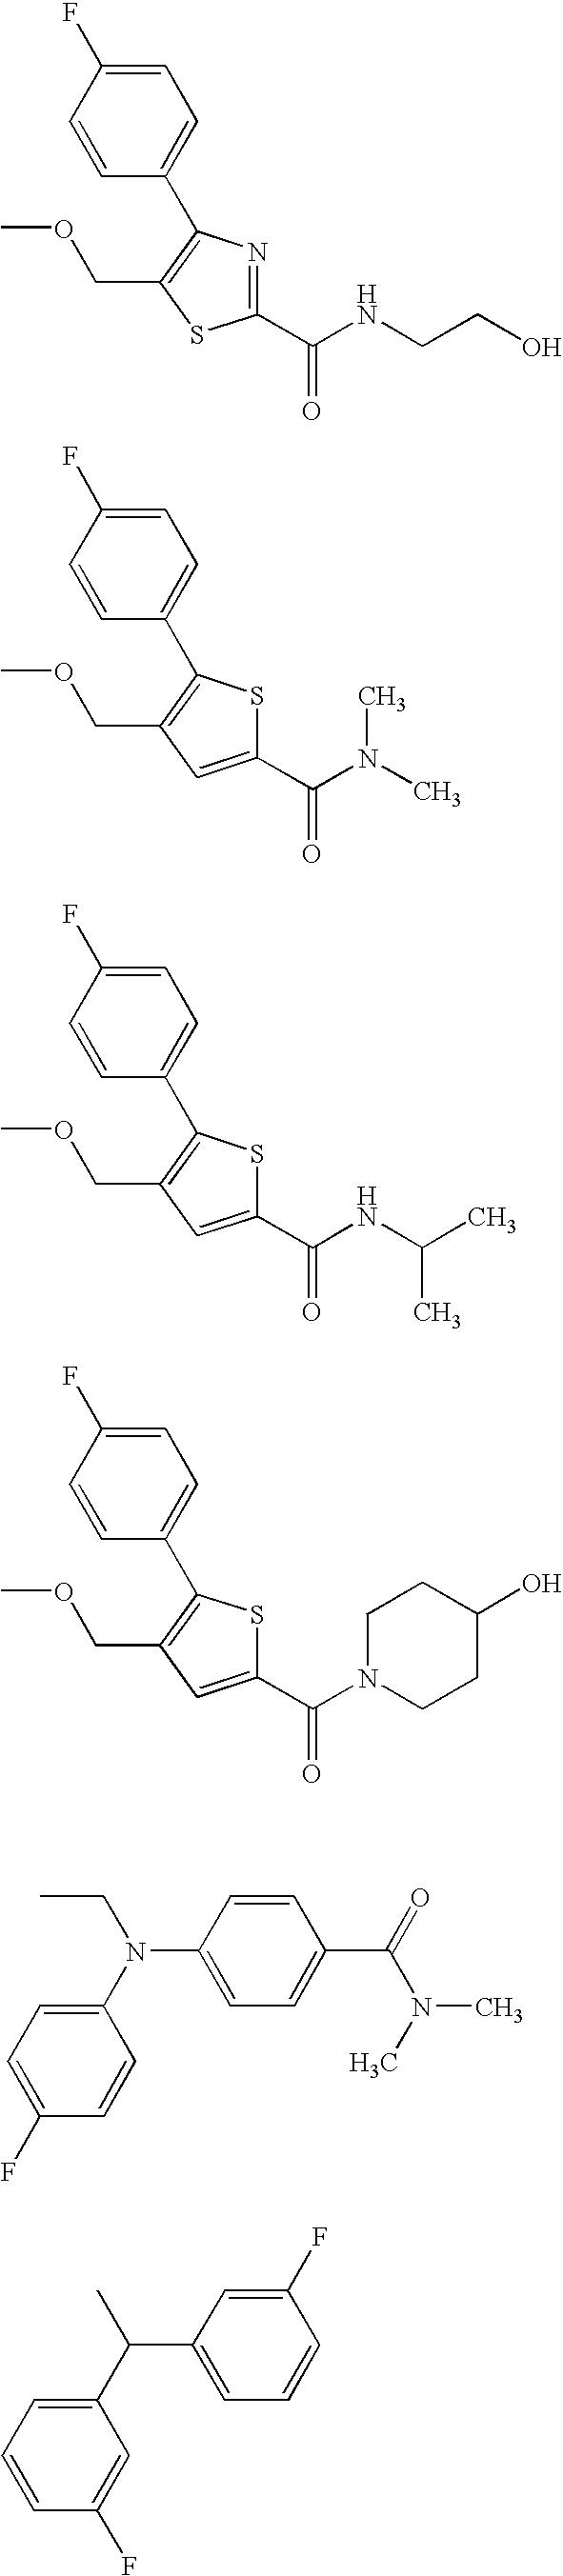 Figure US20070049593A1-20070301-C00259